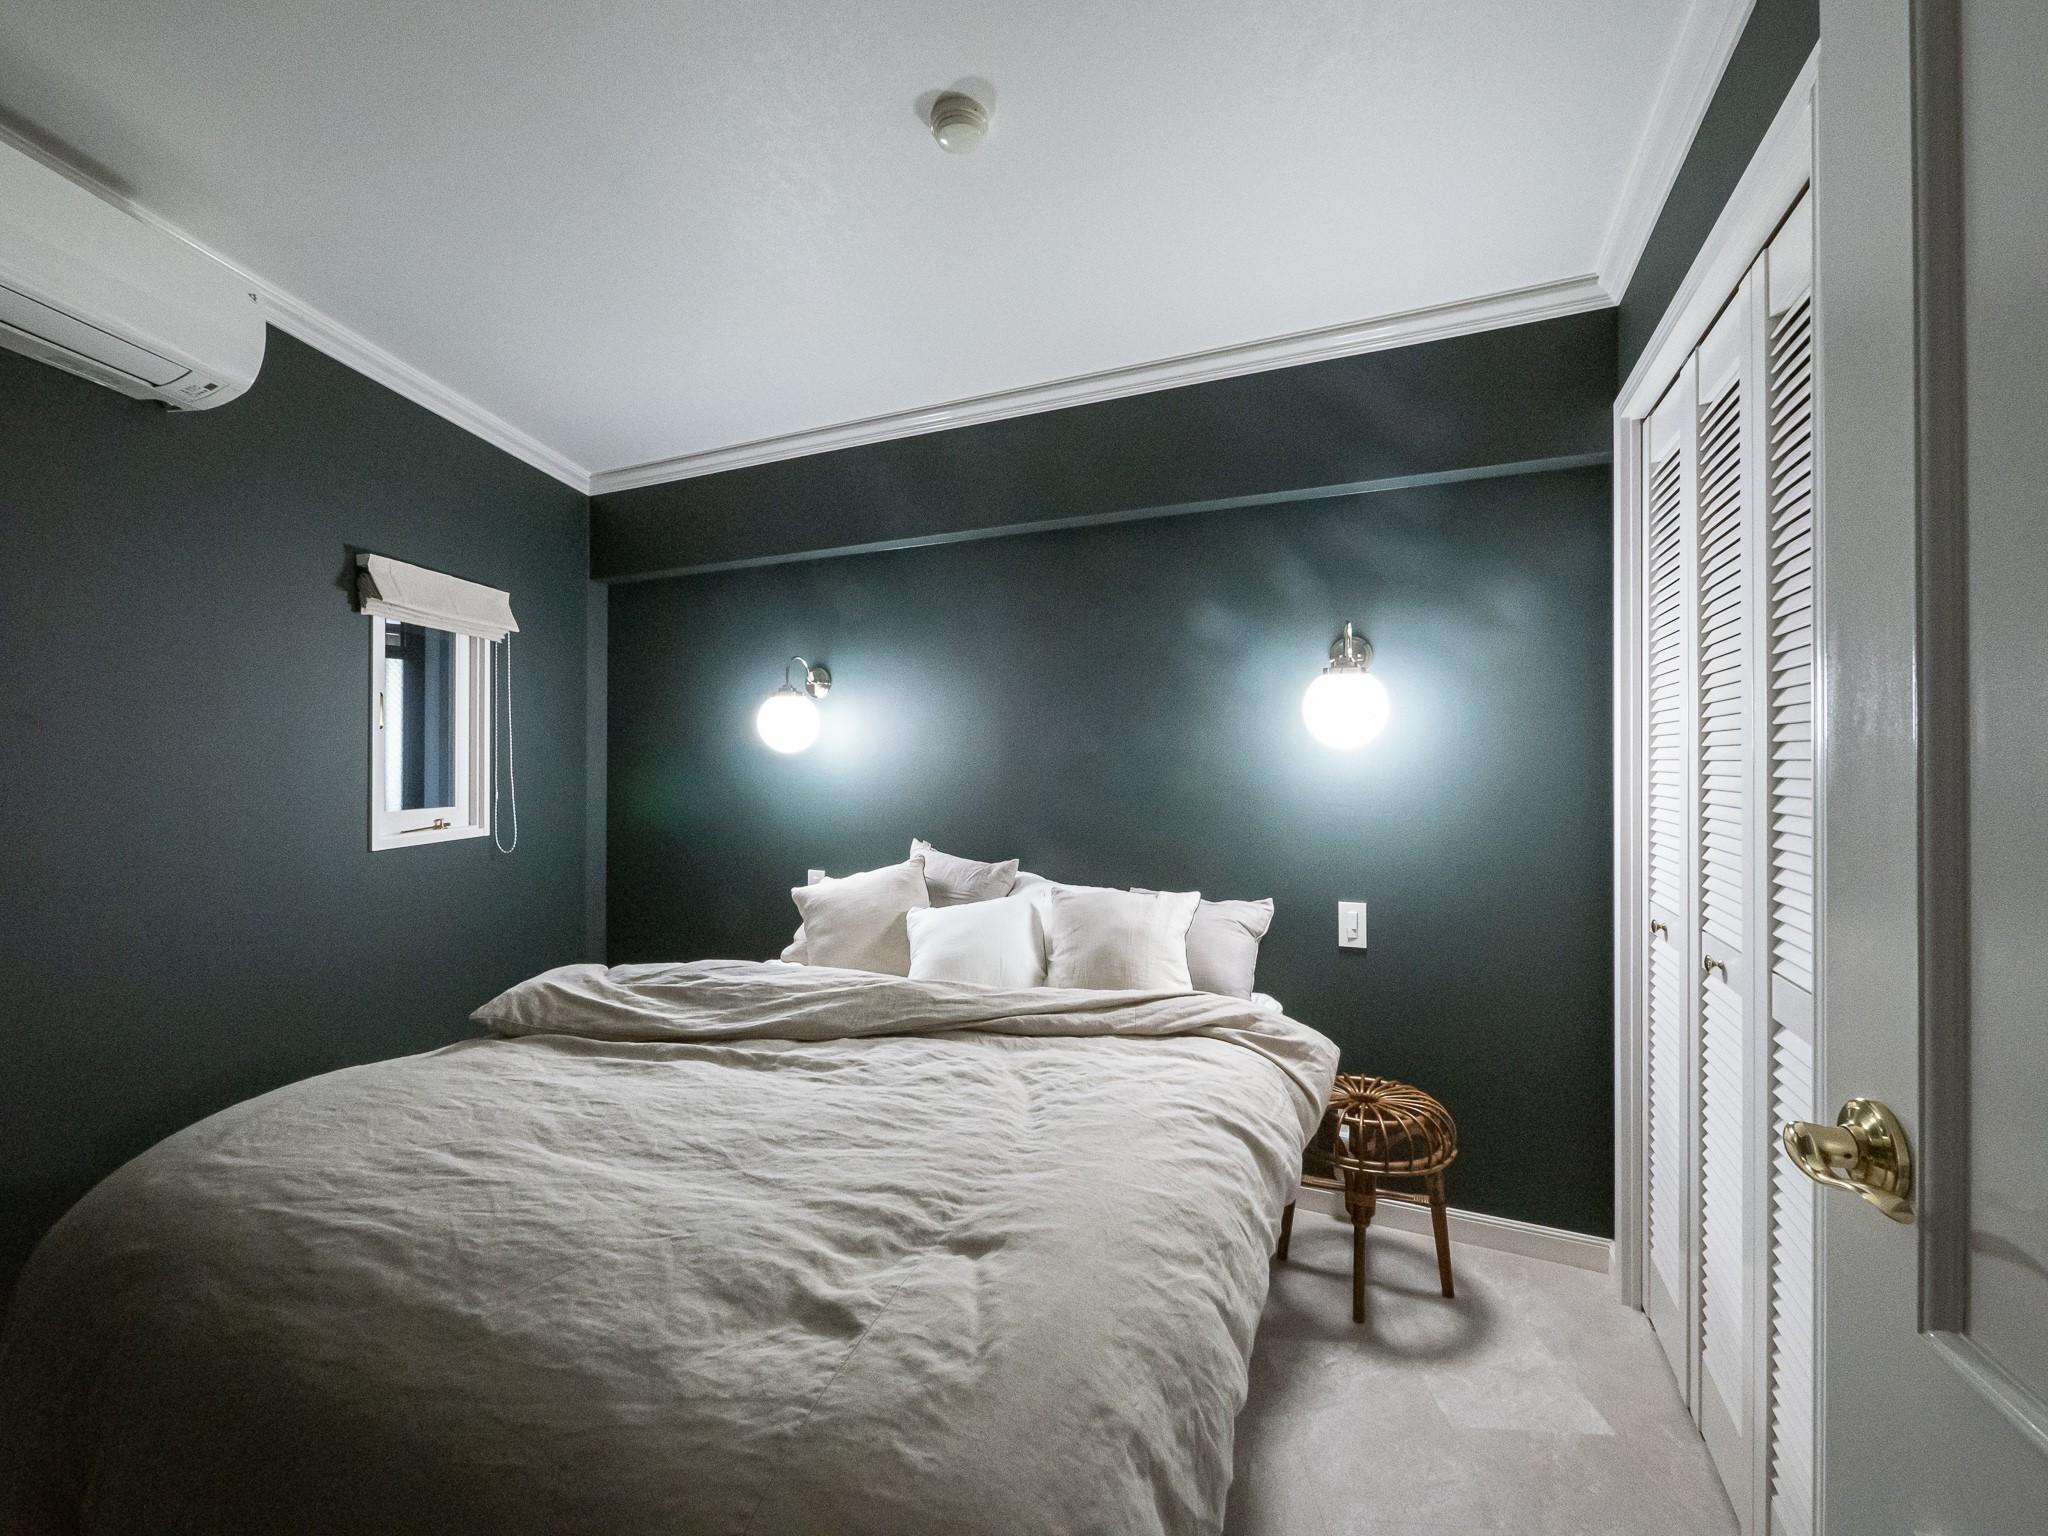 ホテルライクな寝室(クラシックとモダンが合わさる大人のマンションリノベーション) - ベッドルーム事例 SUVACO(スバコ)